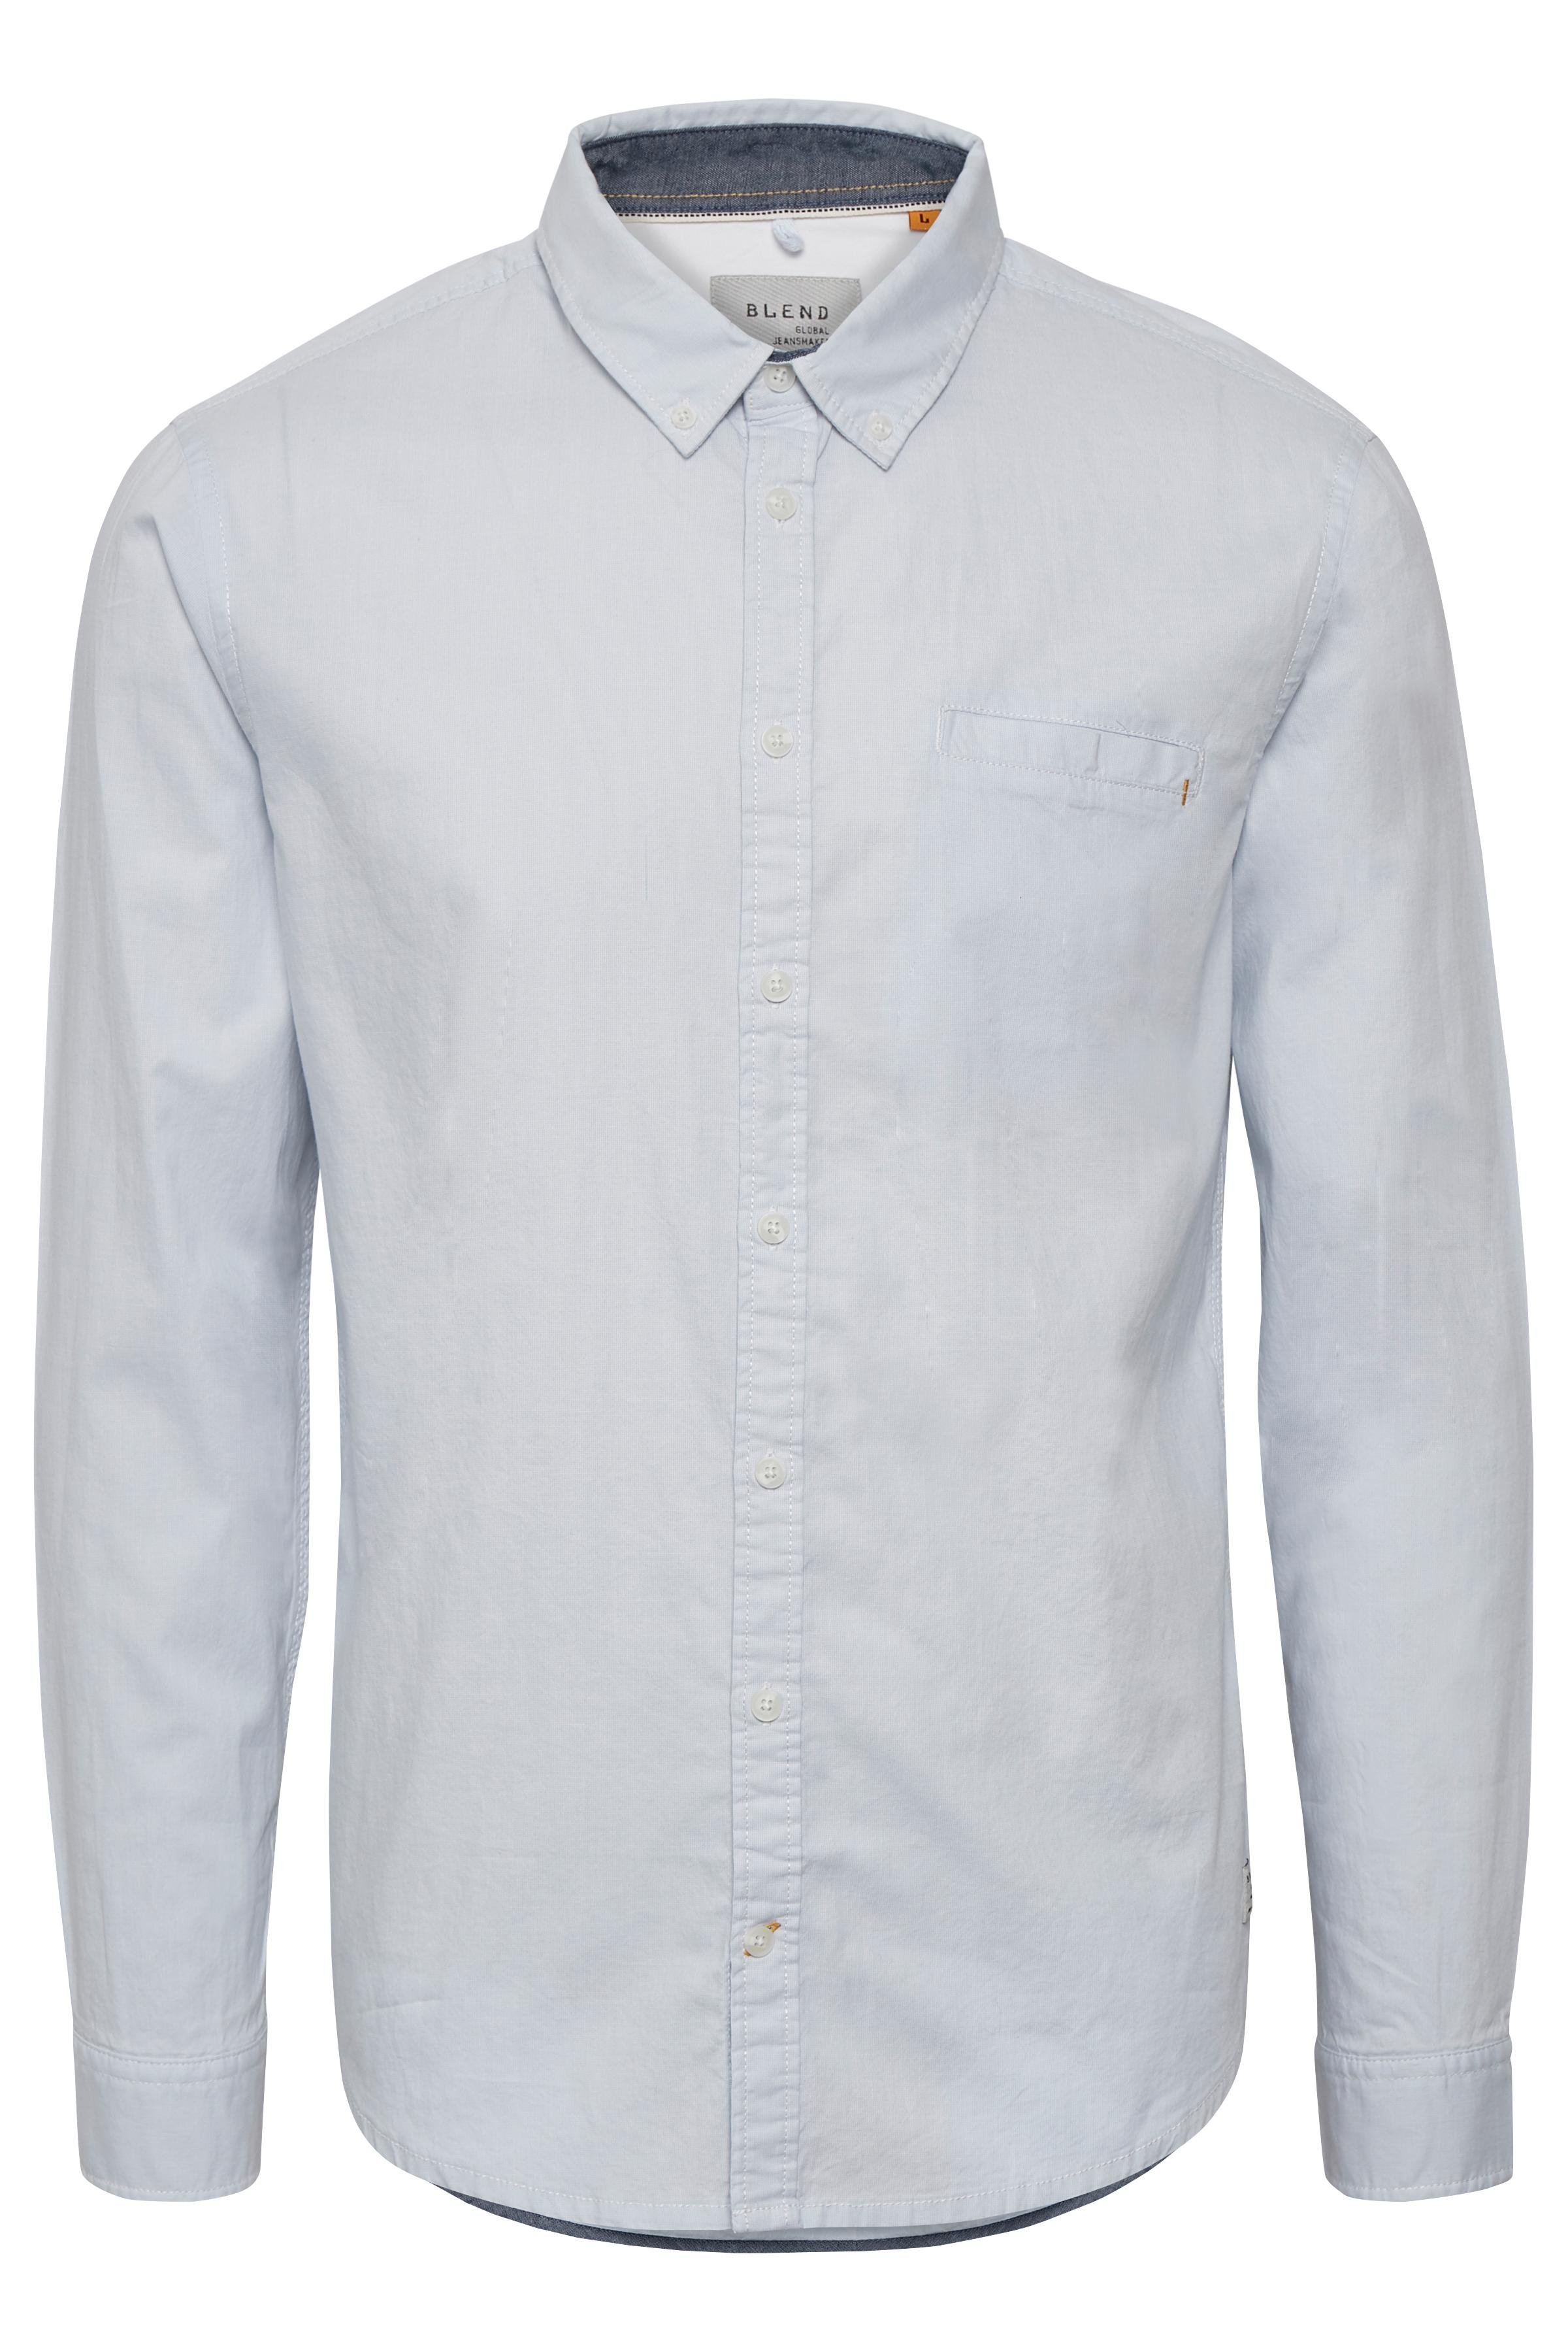 Image of Blend He Herre Klassisk og tidsløs skjorte - Lyseblå